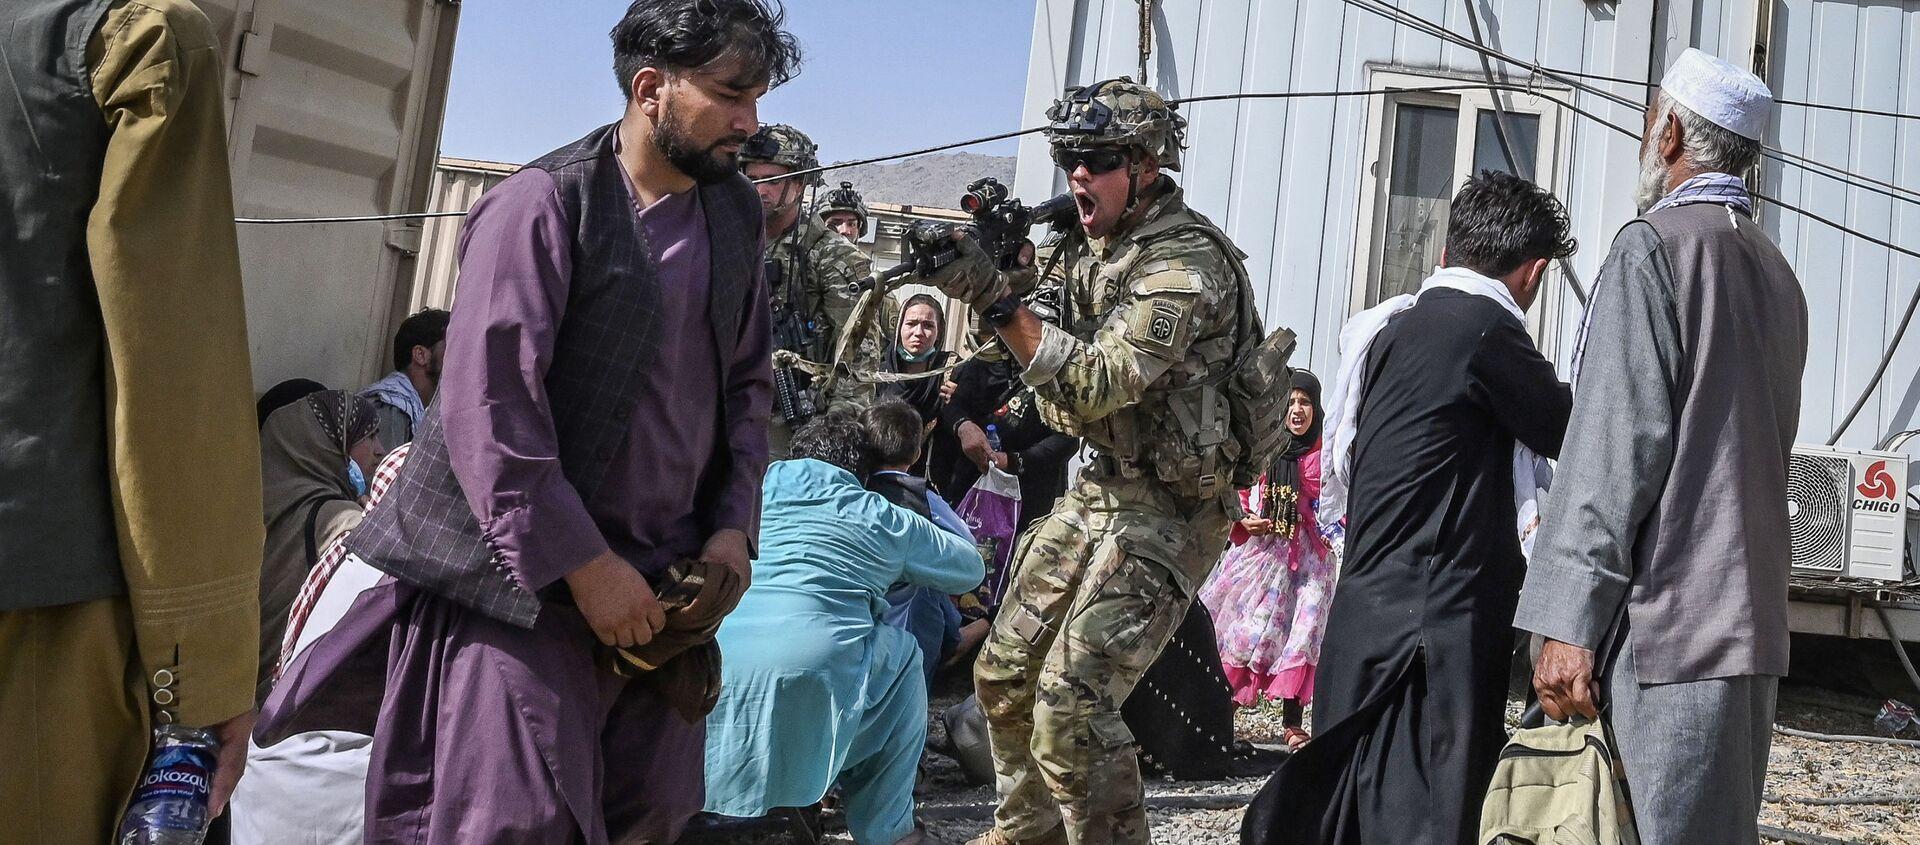 Американский солдат целится в афганцев в аэропорту Кабула  - Sputnik Абхазия, 1920, 23.08.2021